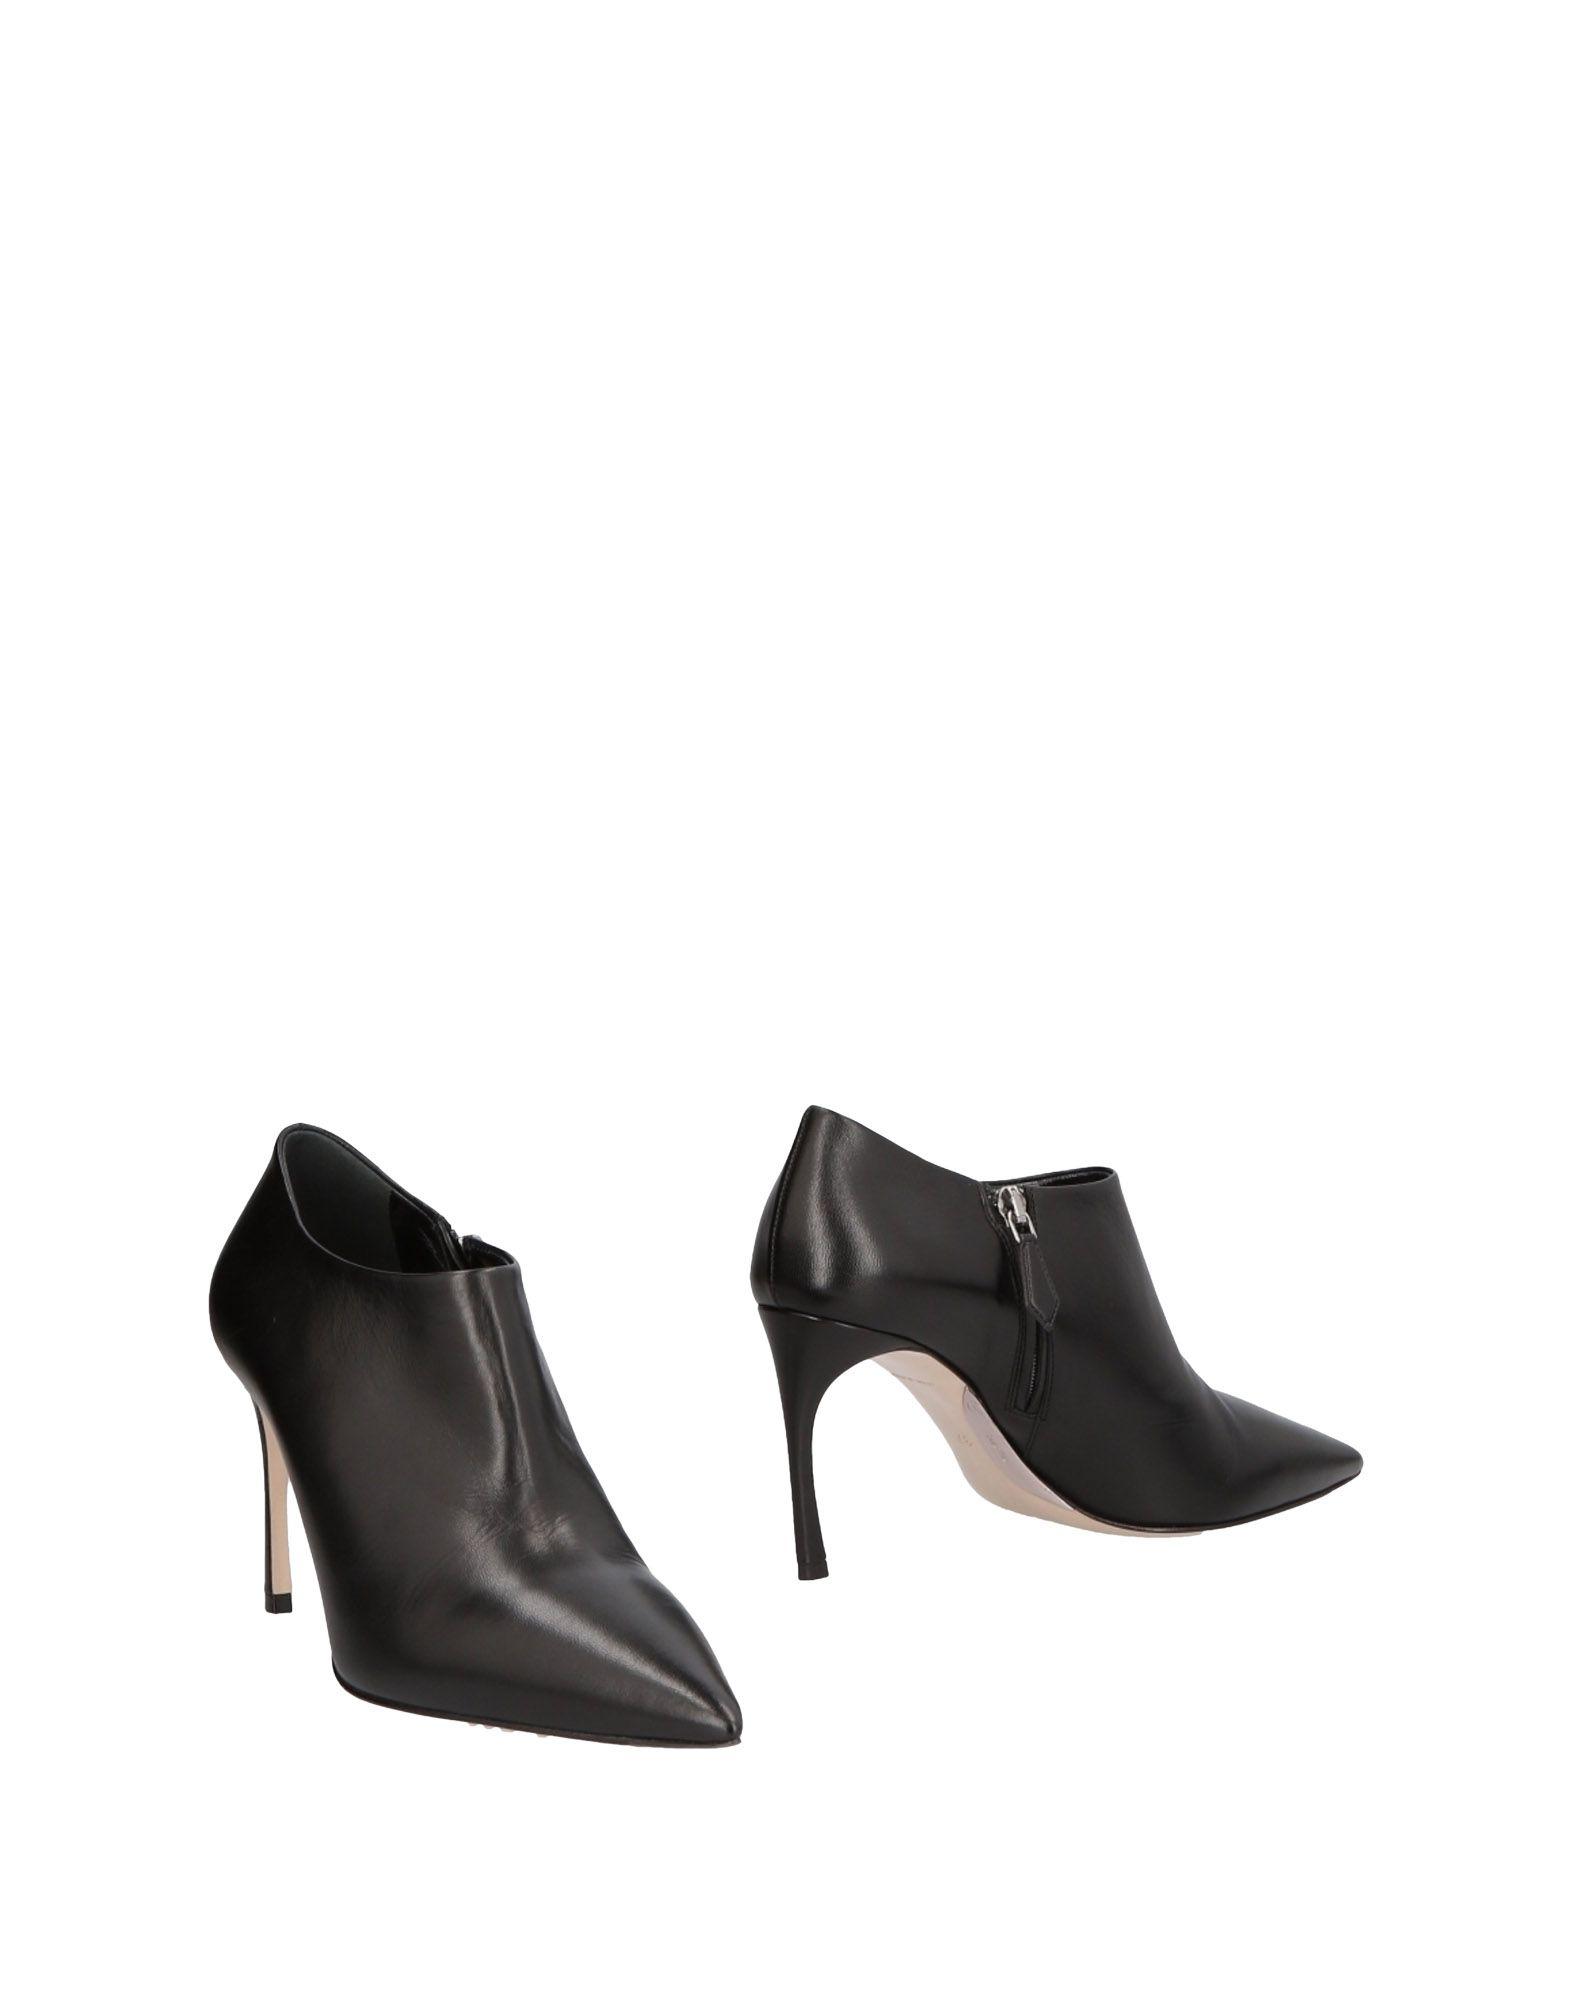 Rabatt Schuhe Miu Miu Miu Miu Stiefelette Damen  11471541VX 0a7106